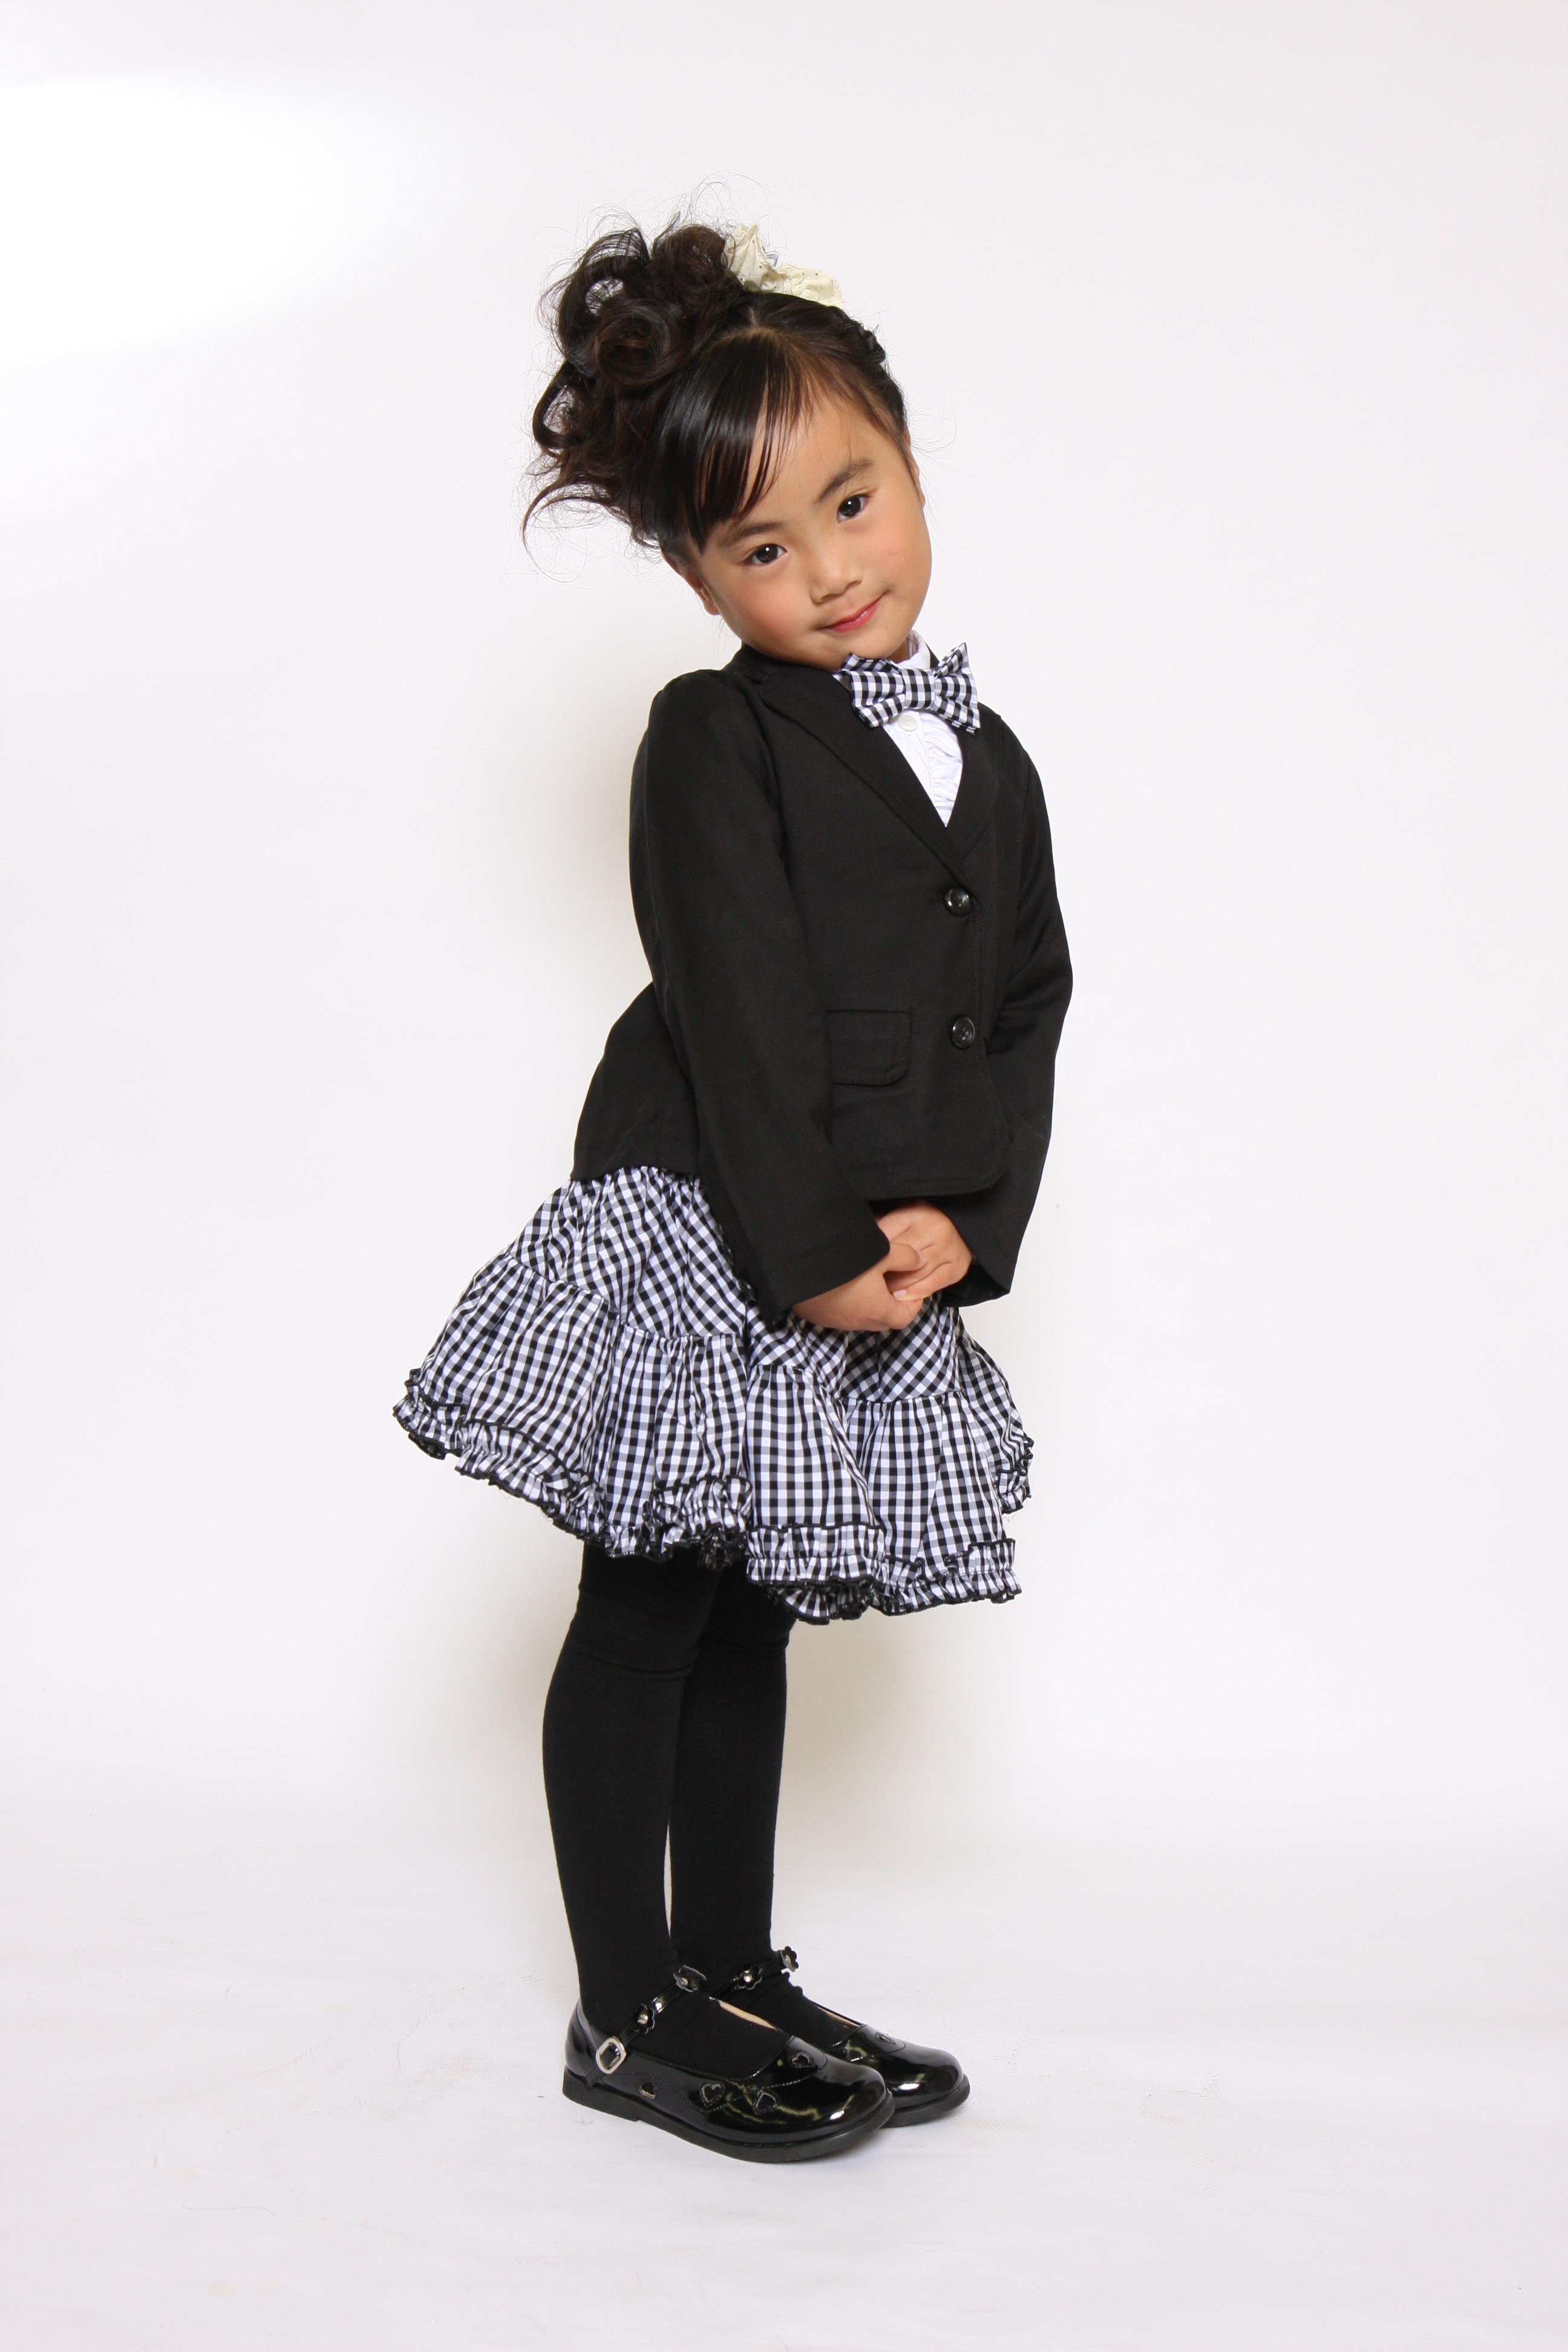 子供服でキッズモデル撮影 女の子 フォーマル